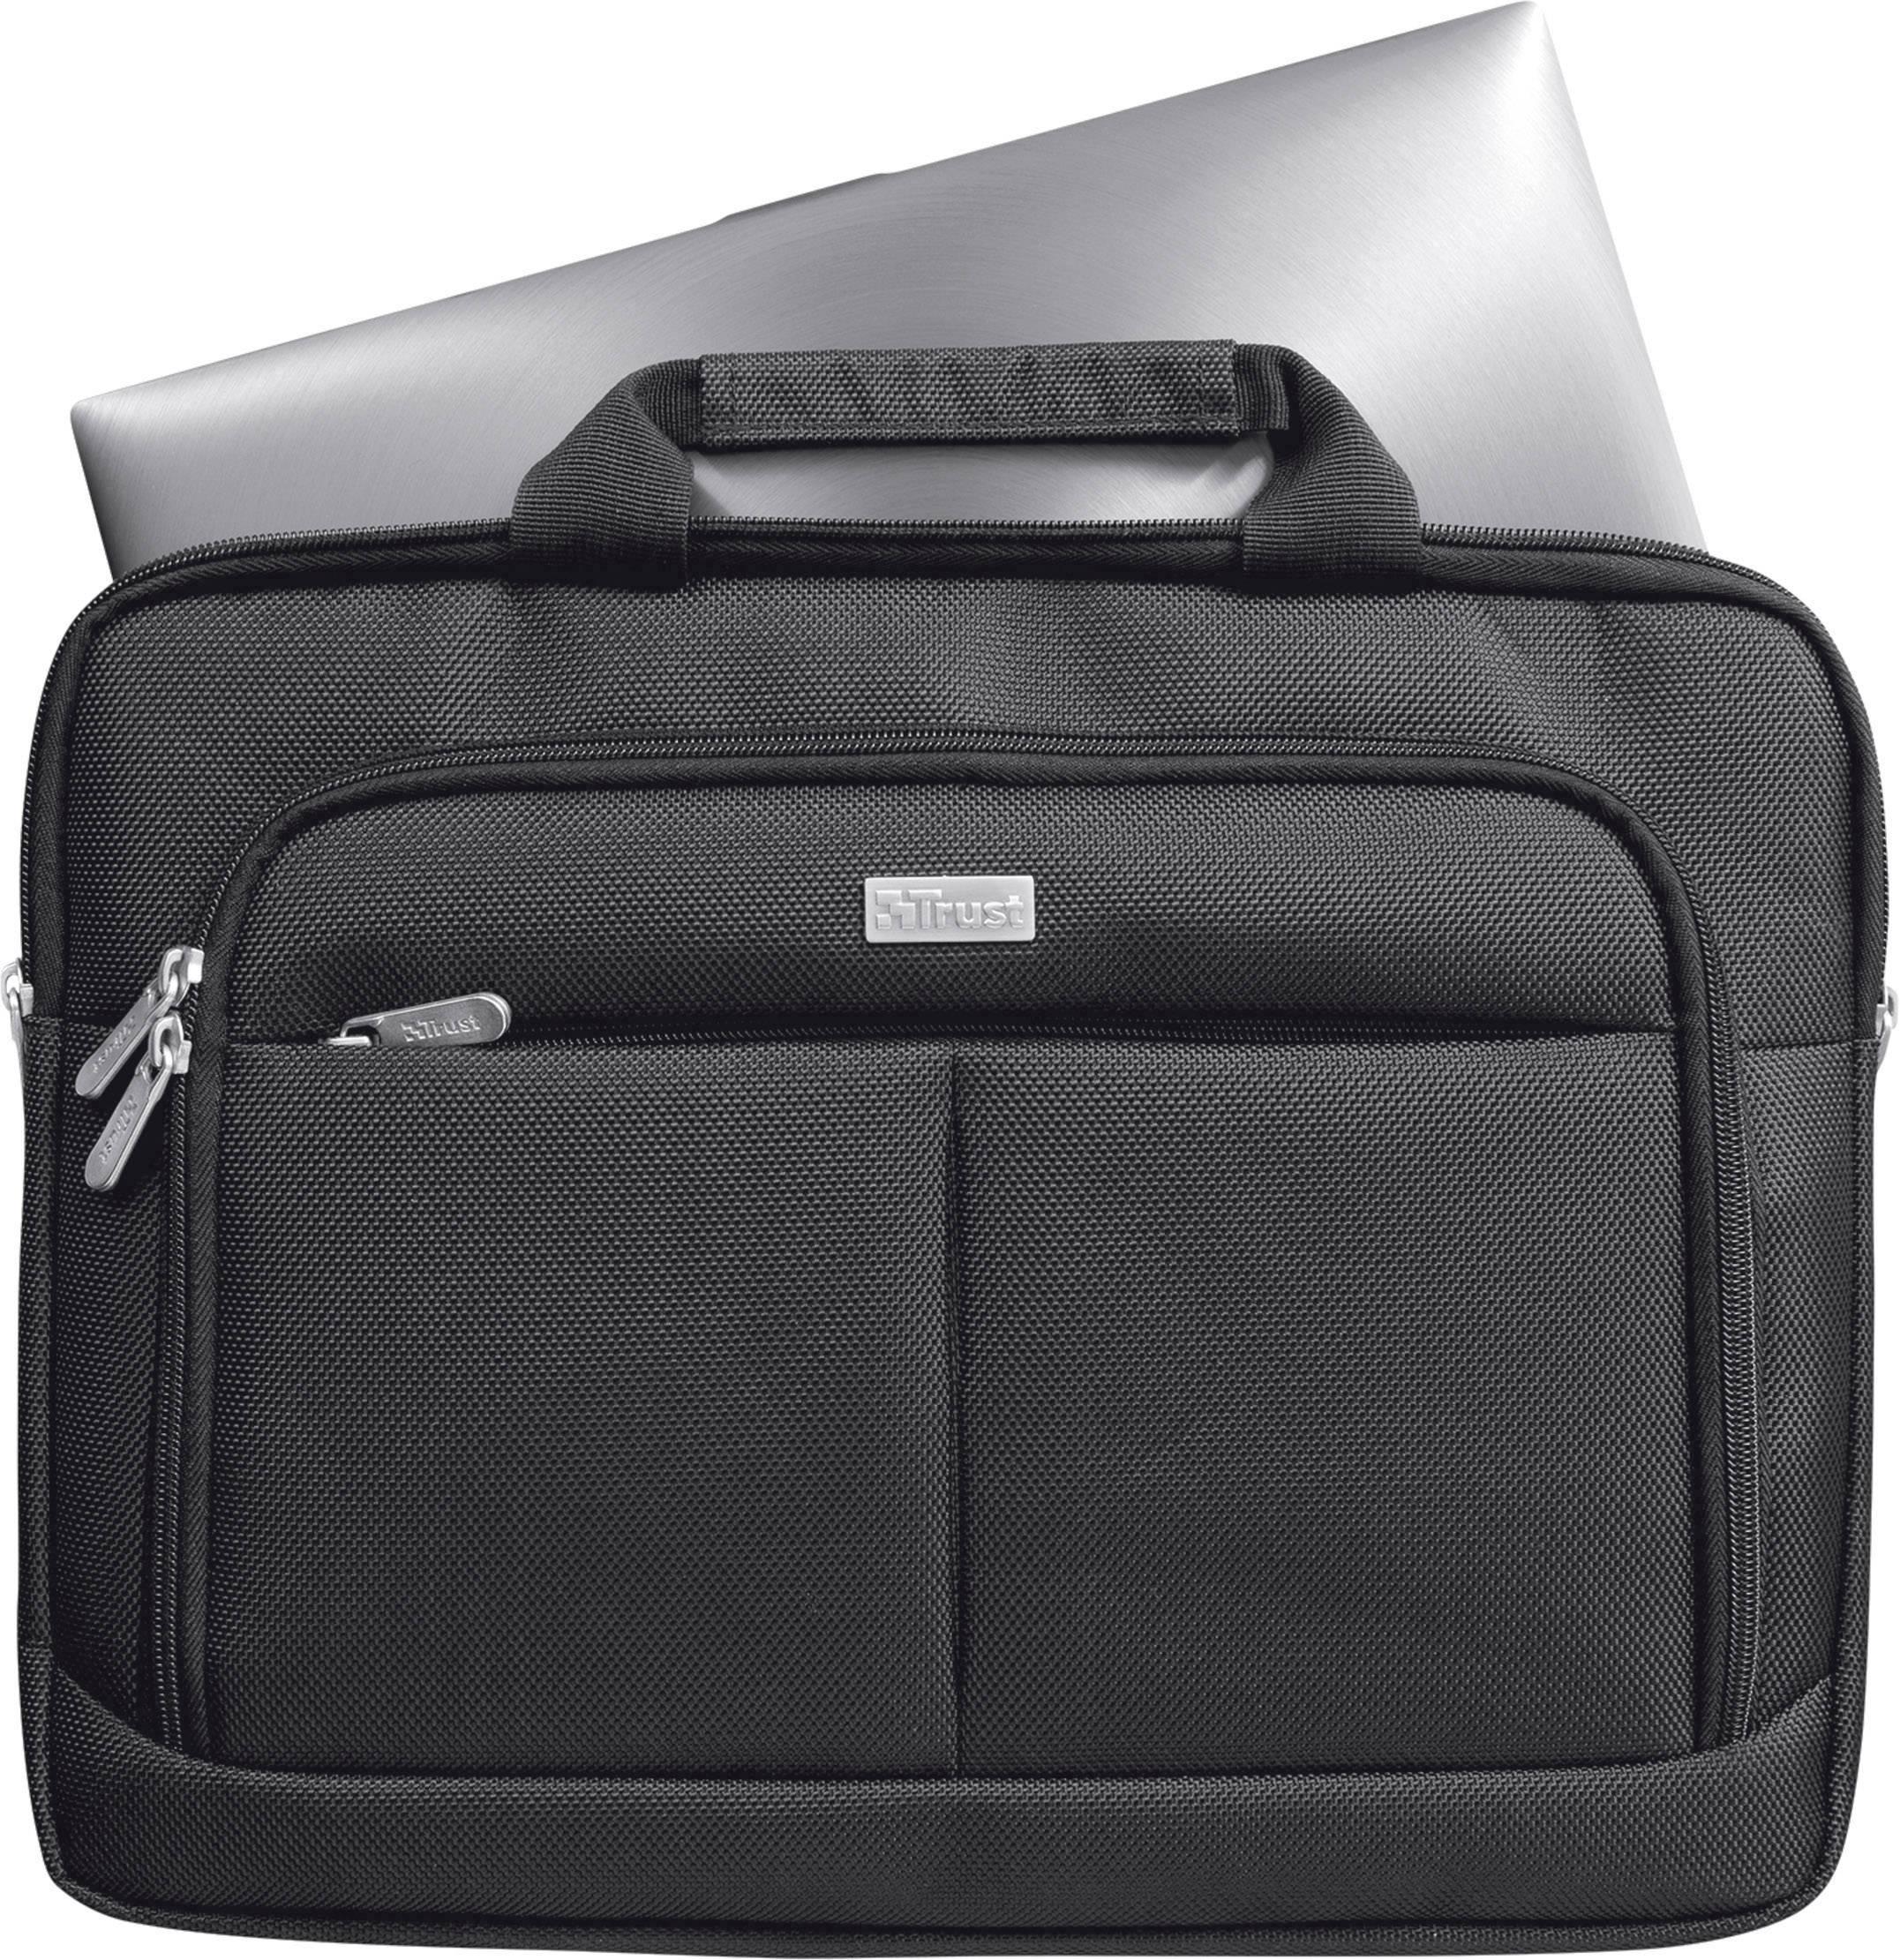 00d9f6f33ff Trust Laptoptas Sydney Geschikt voor max.: 35,6 cm (14